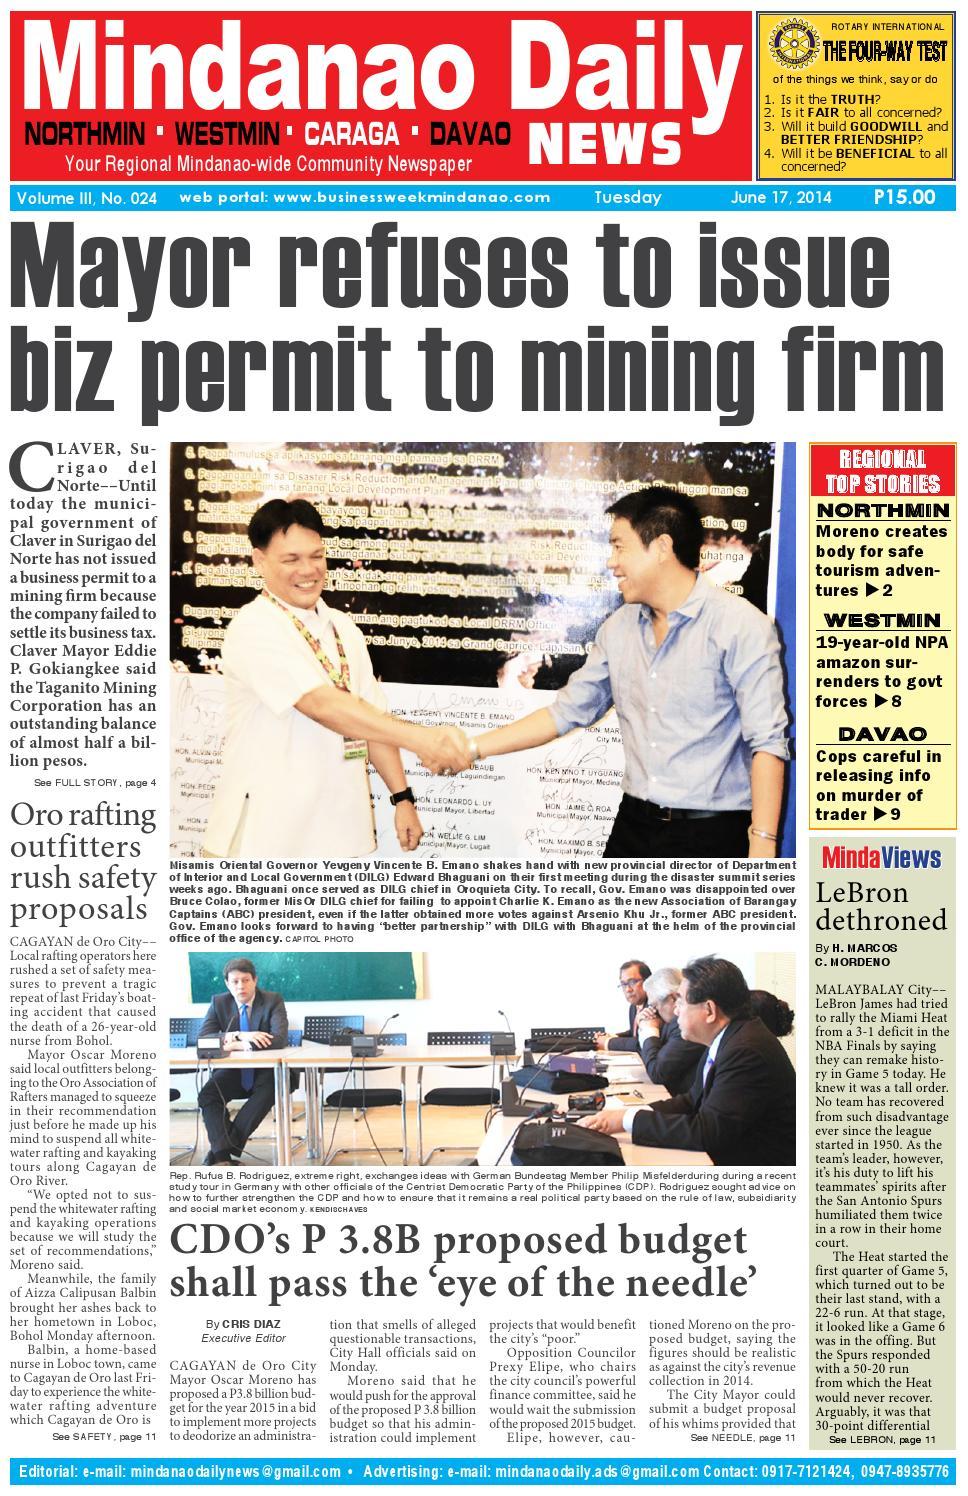 Mindanao Daily Caraga (June 17, 2014) by Mindanao Daily News